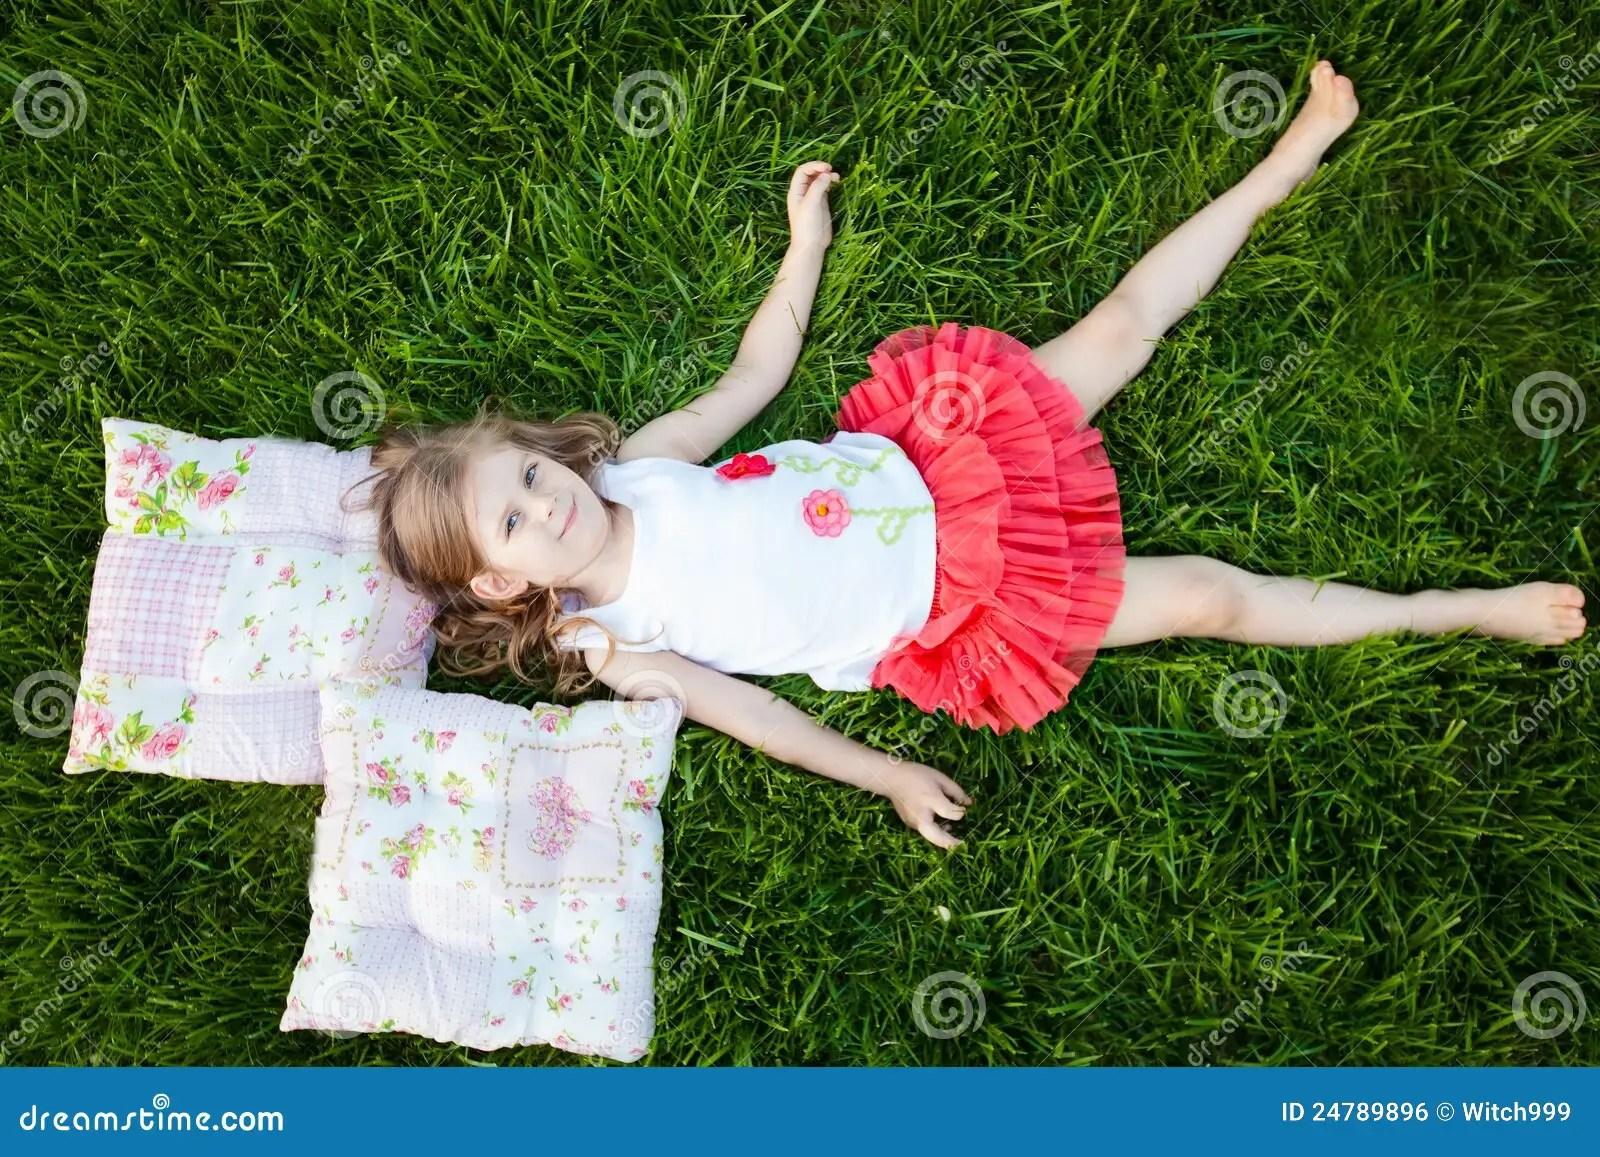 Little Girl Resting On Pillows In Summer Garden Stock